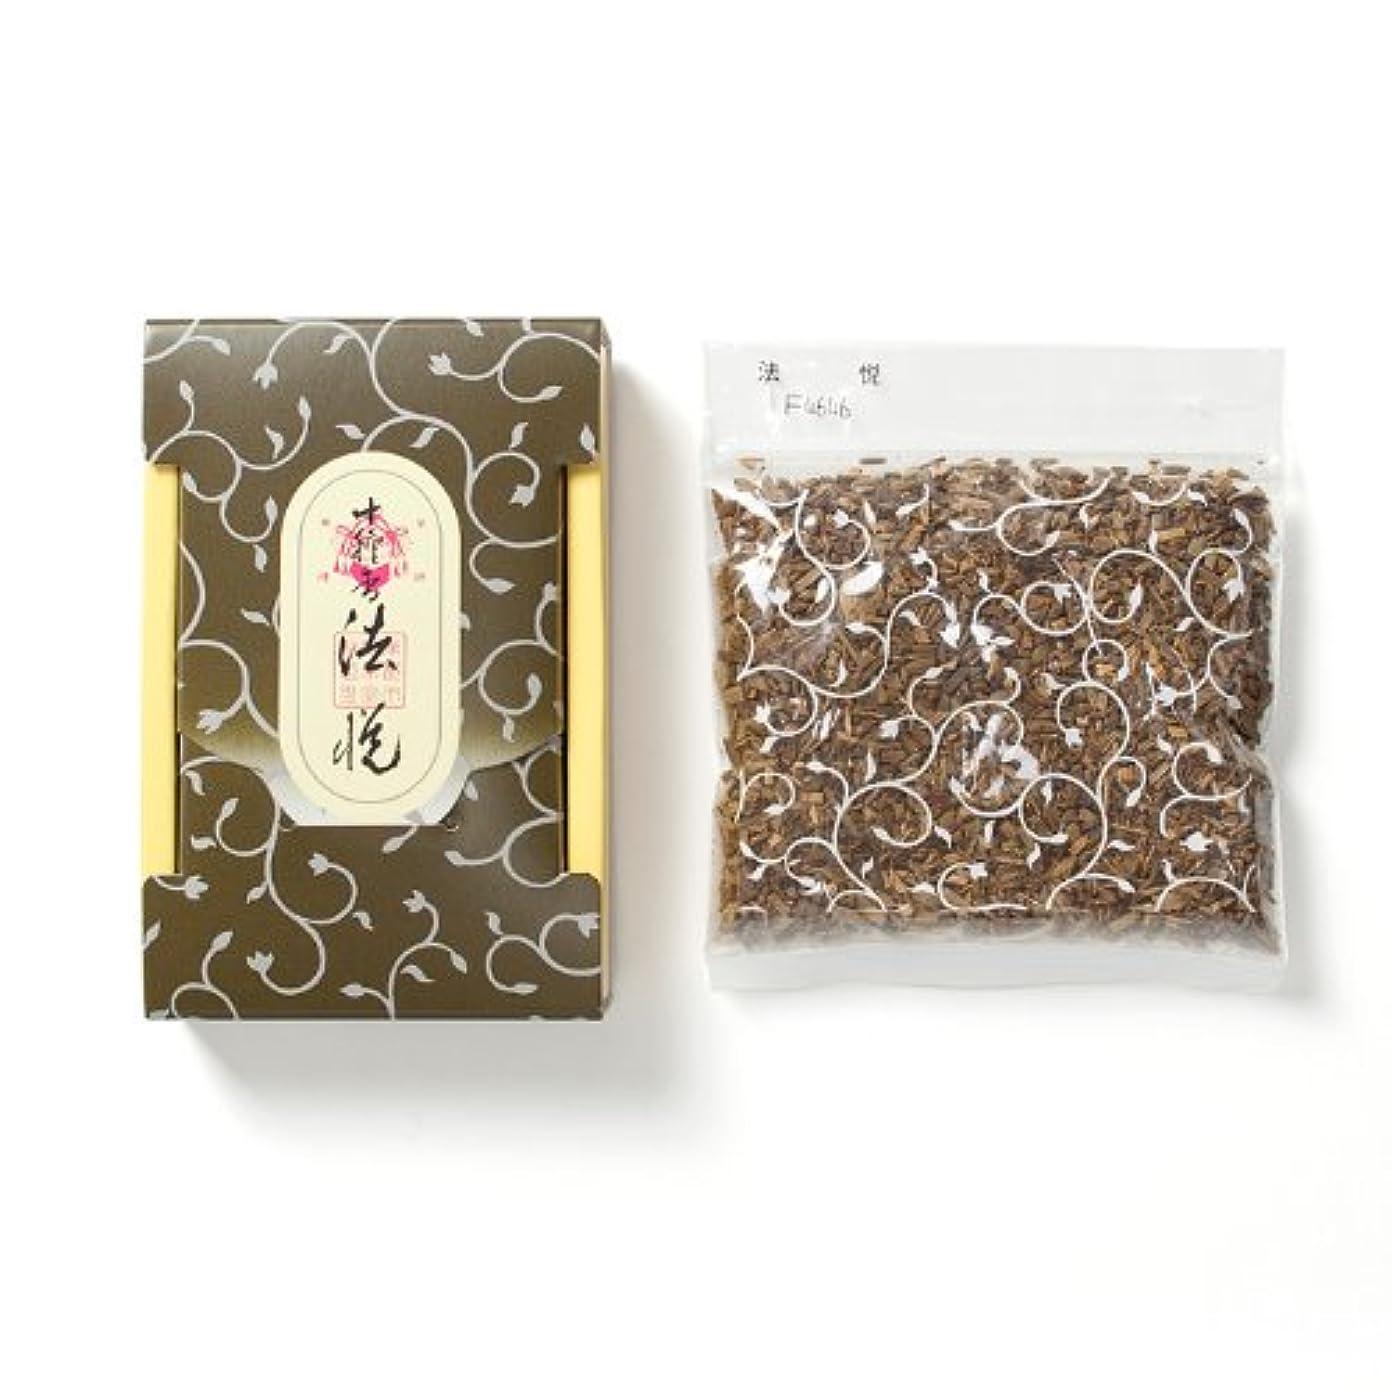 冷笑する後する松栄堂のお焼香 十種香 法悦 25g詰 小箱入 #411041